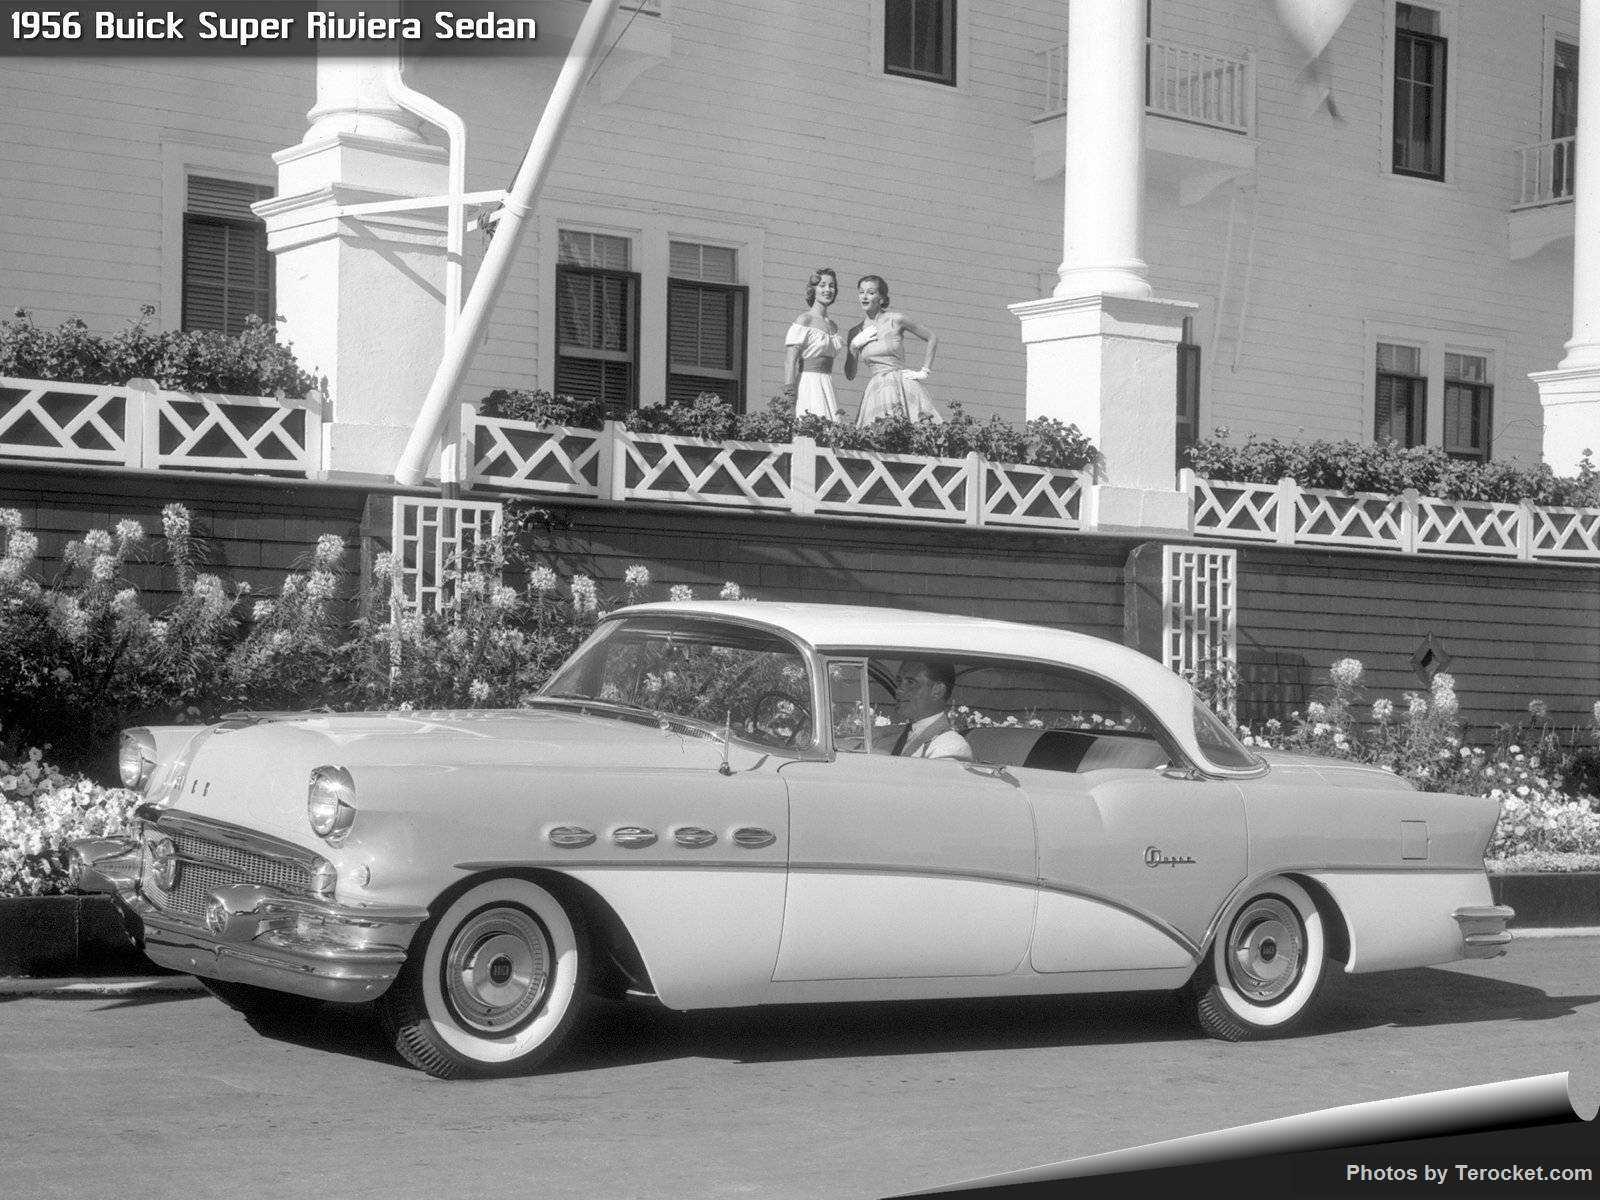 Hình ảnh xe ô tô Buick Super Riviera Sedan 1956 & nội ngoại thất